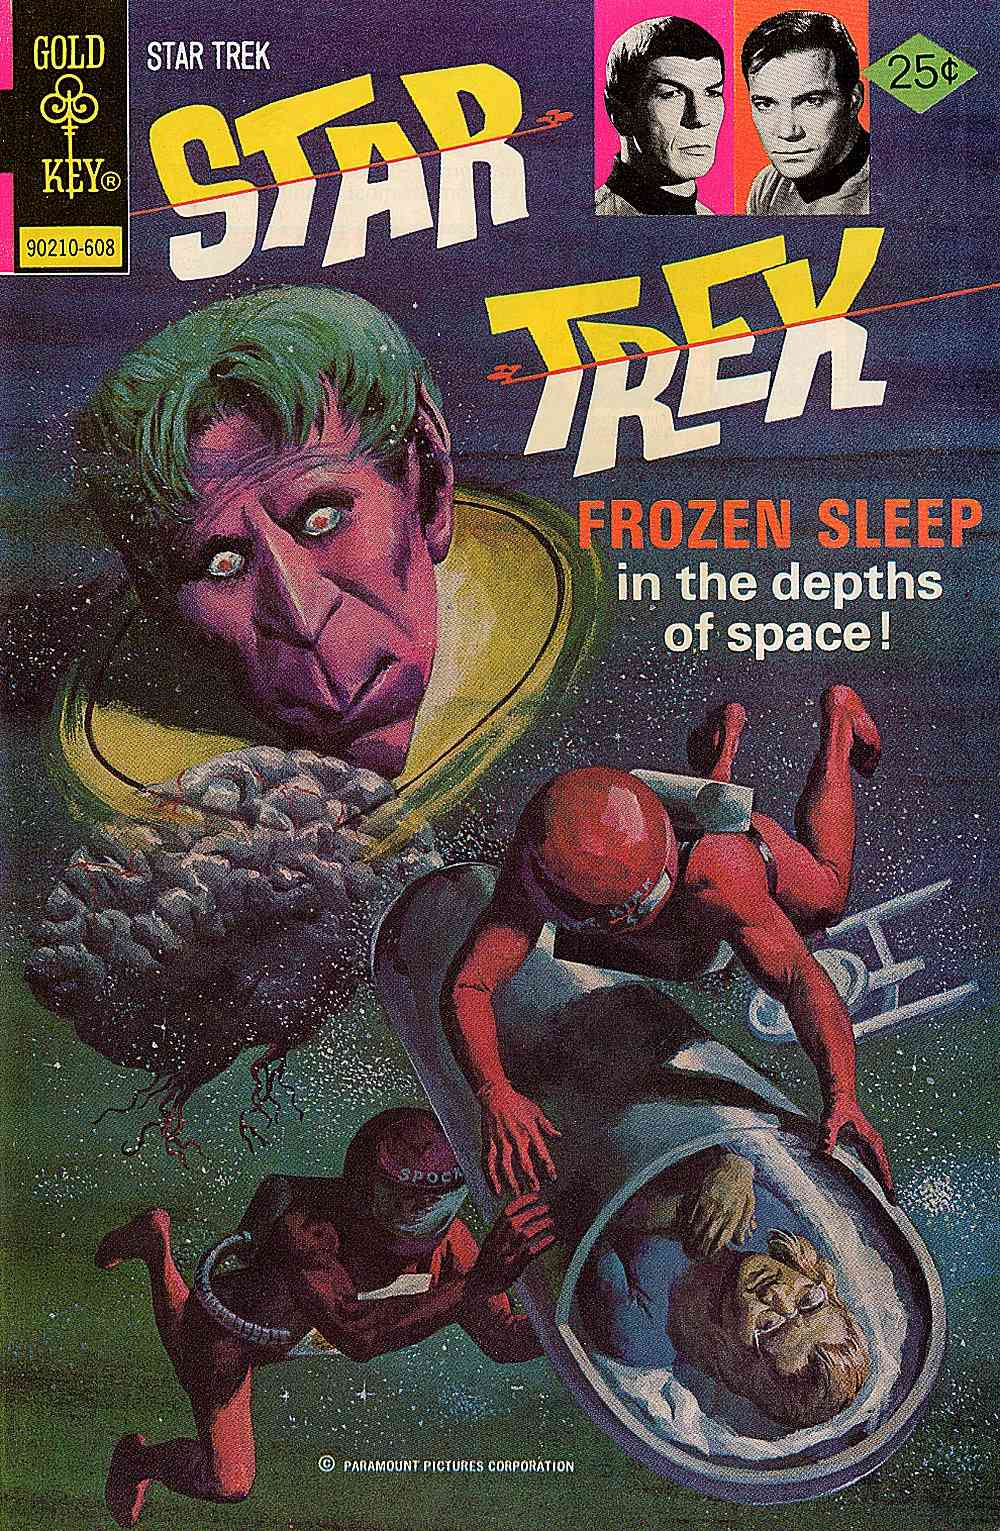 Star Trek (1967) issue 39 - Page 1